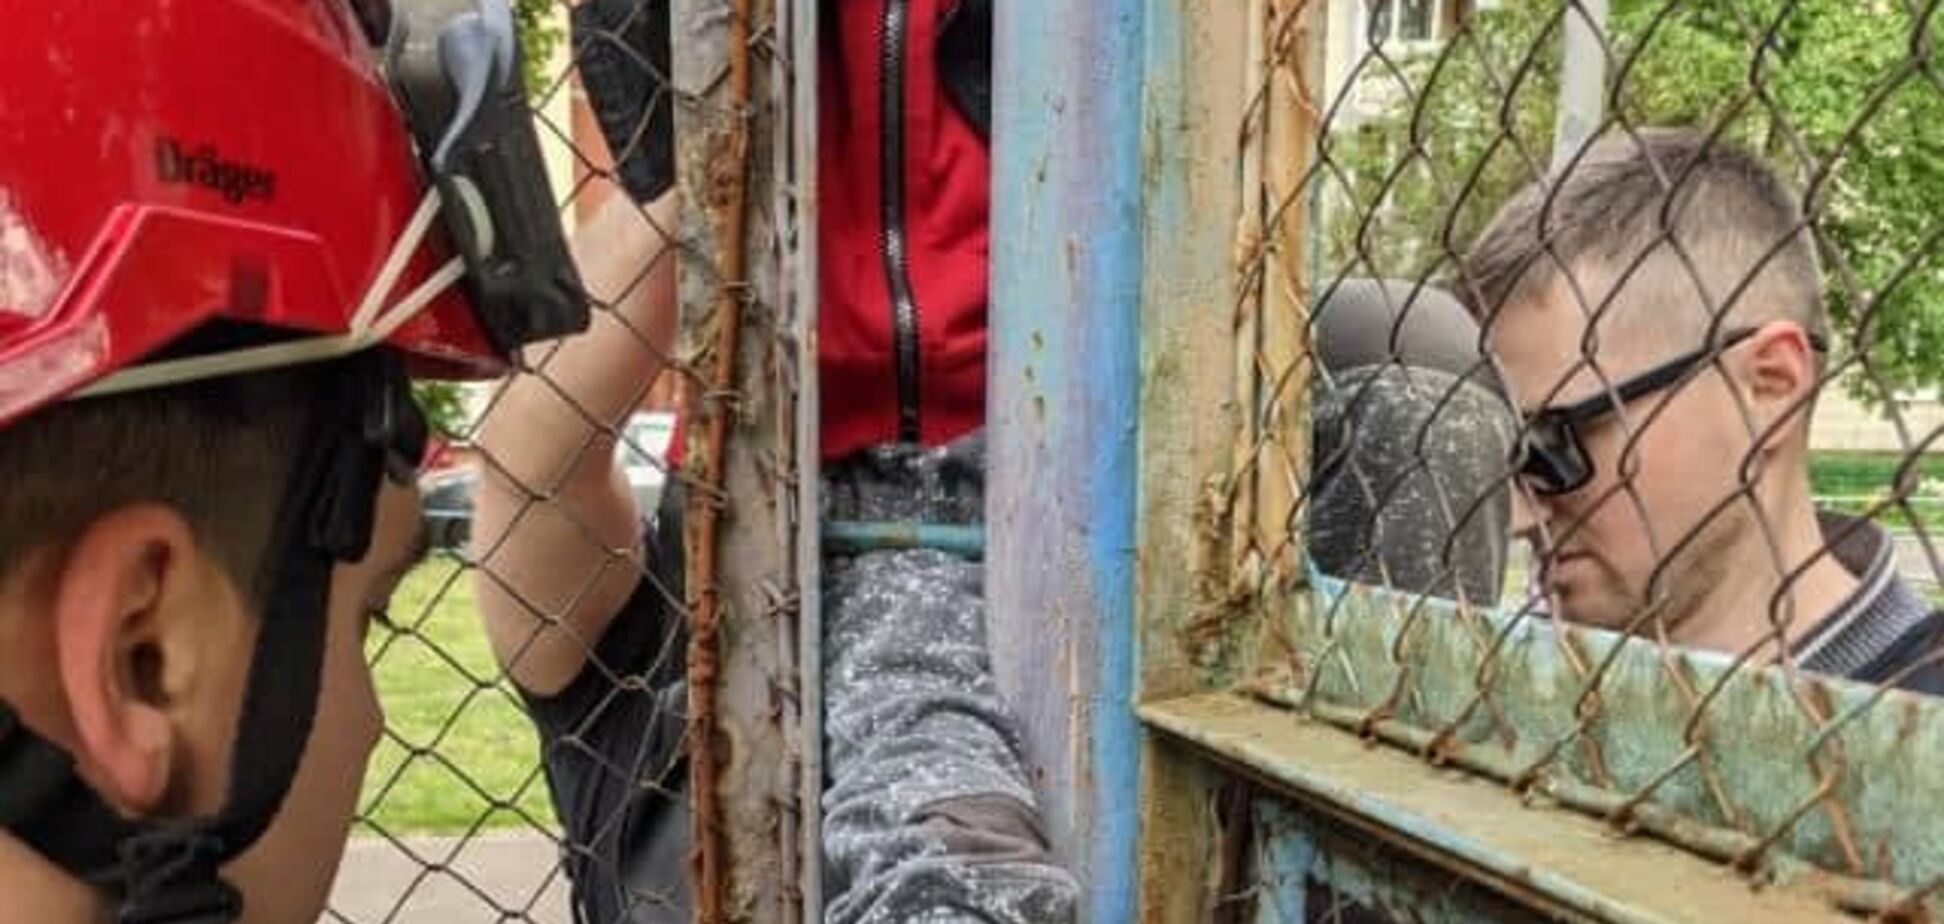 В Киеве мальчик застрял в решетке ограждения на спортивной площадке